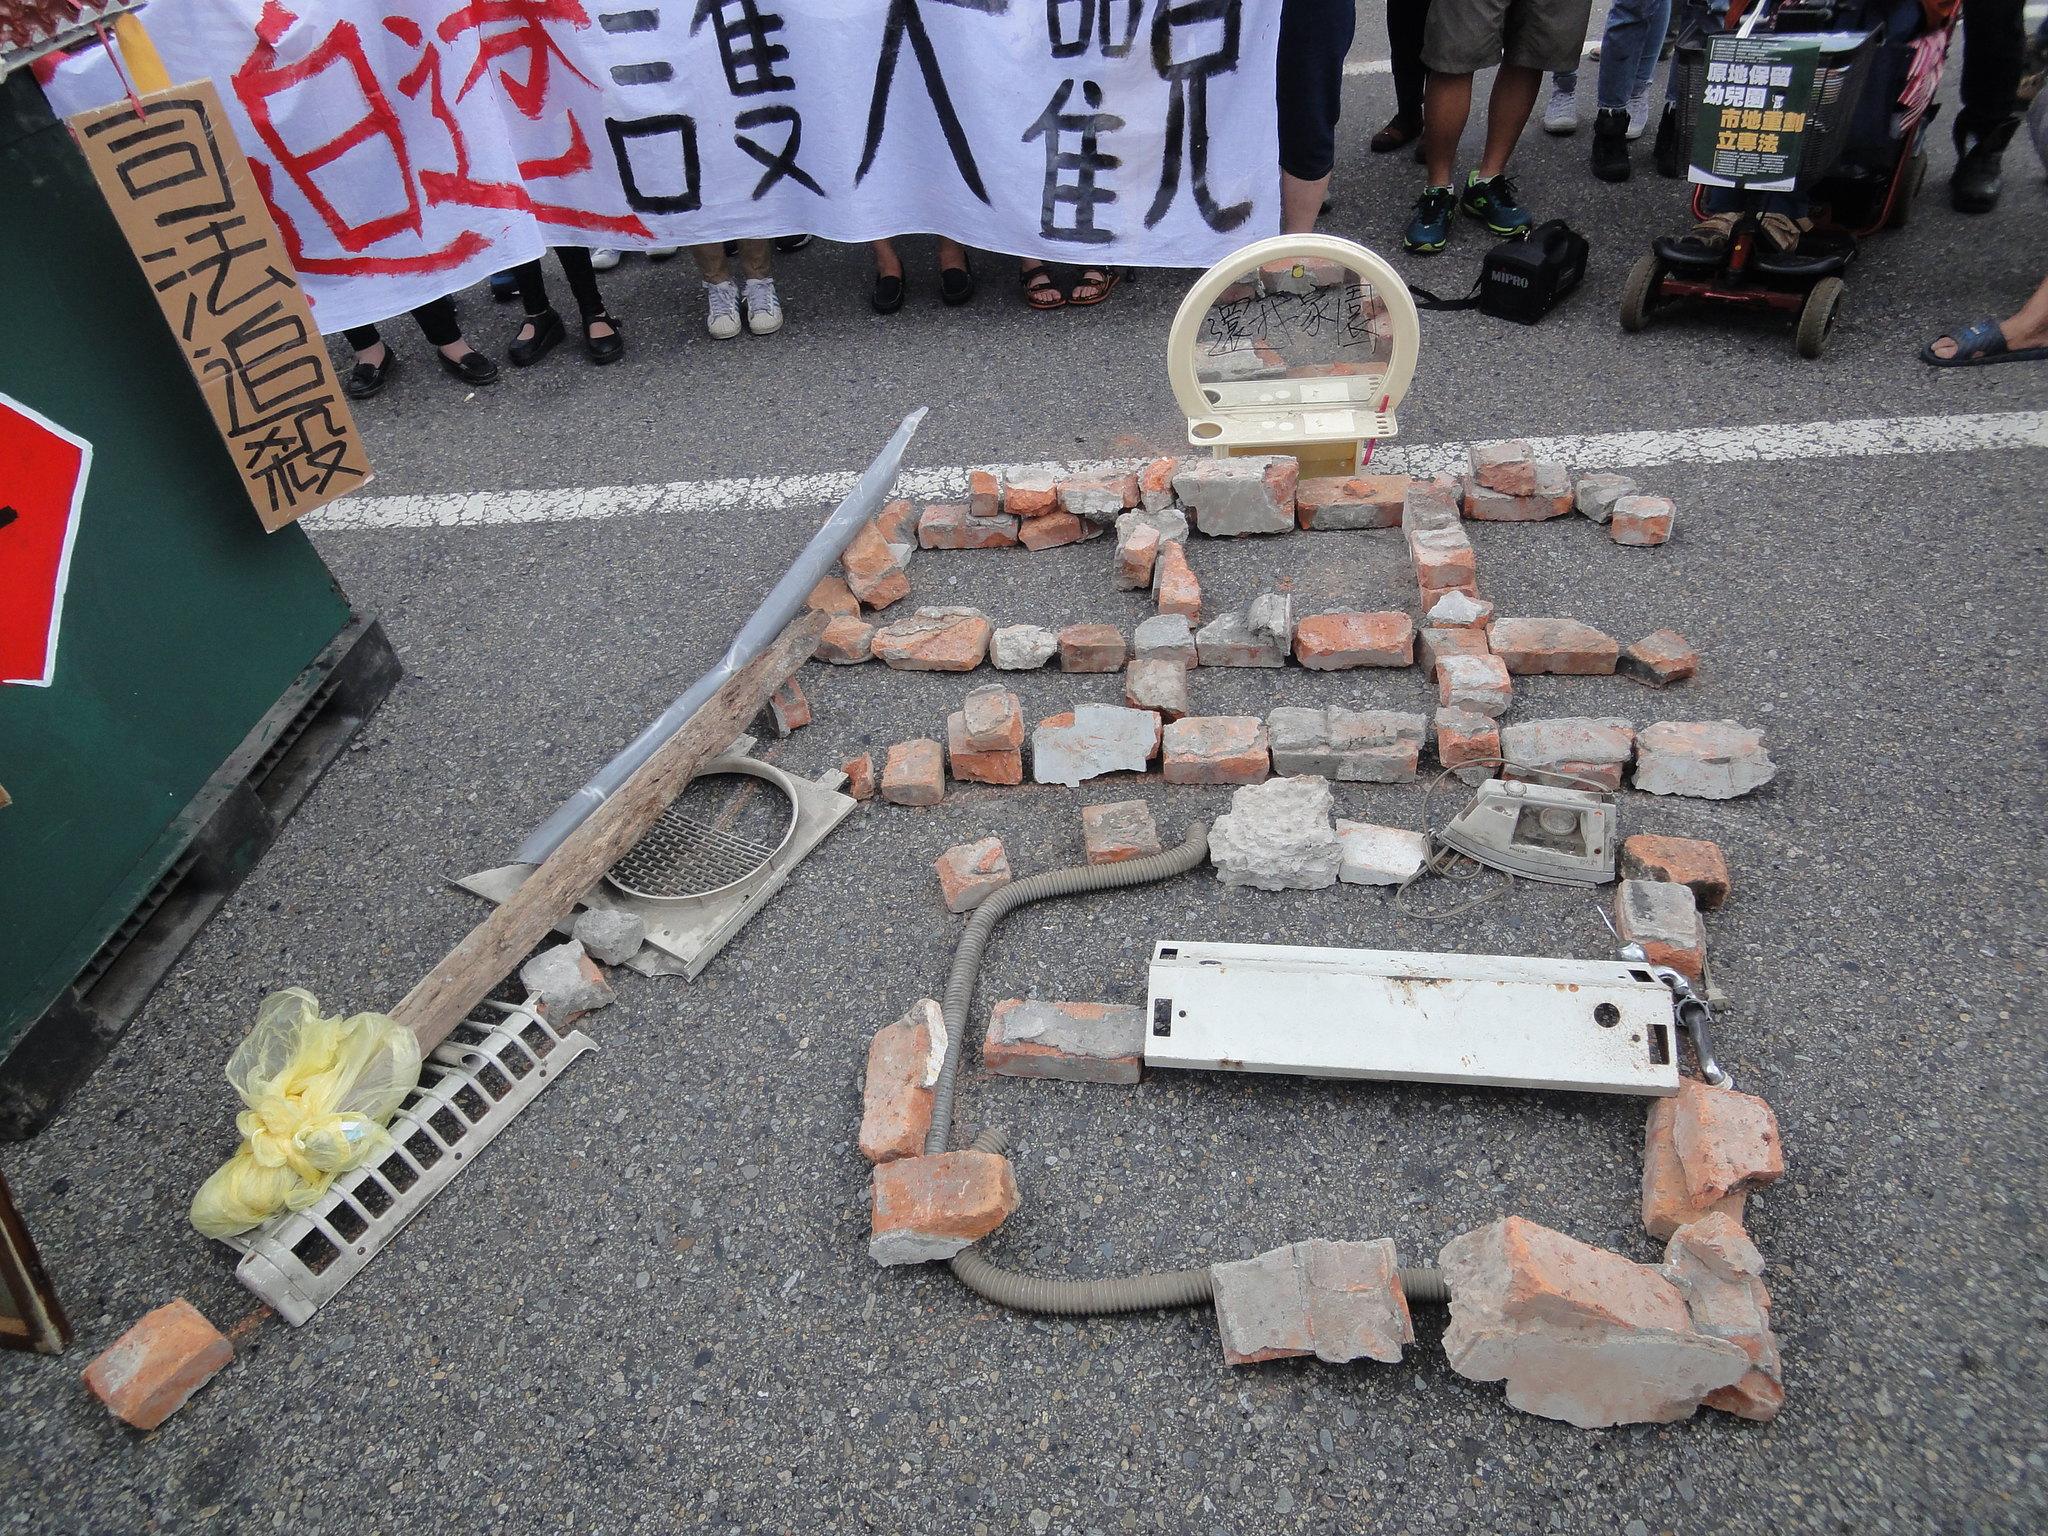 居民到達凱道後,將先前兩波強拆遺留下來的石塊、瓦礫排成「厝」字。(攝影:張智琦)